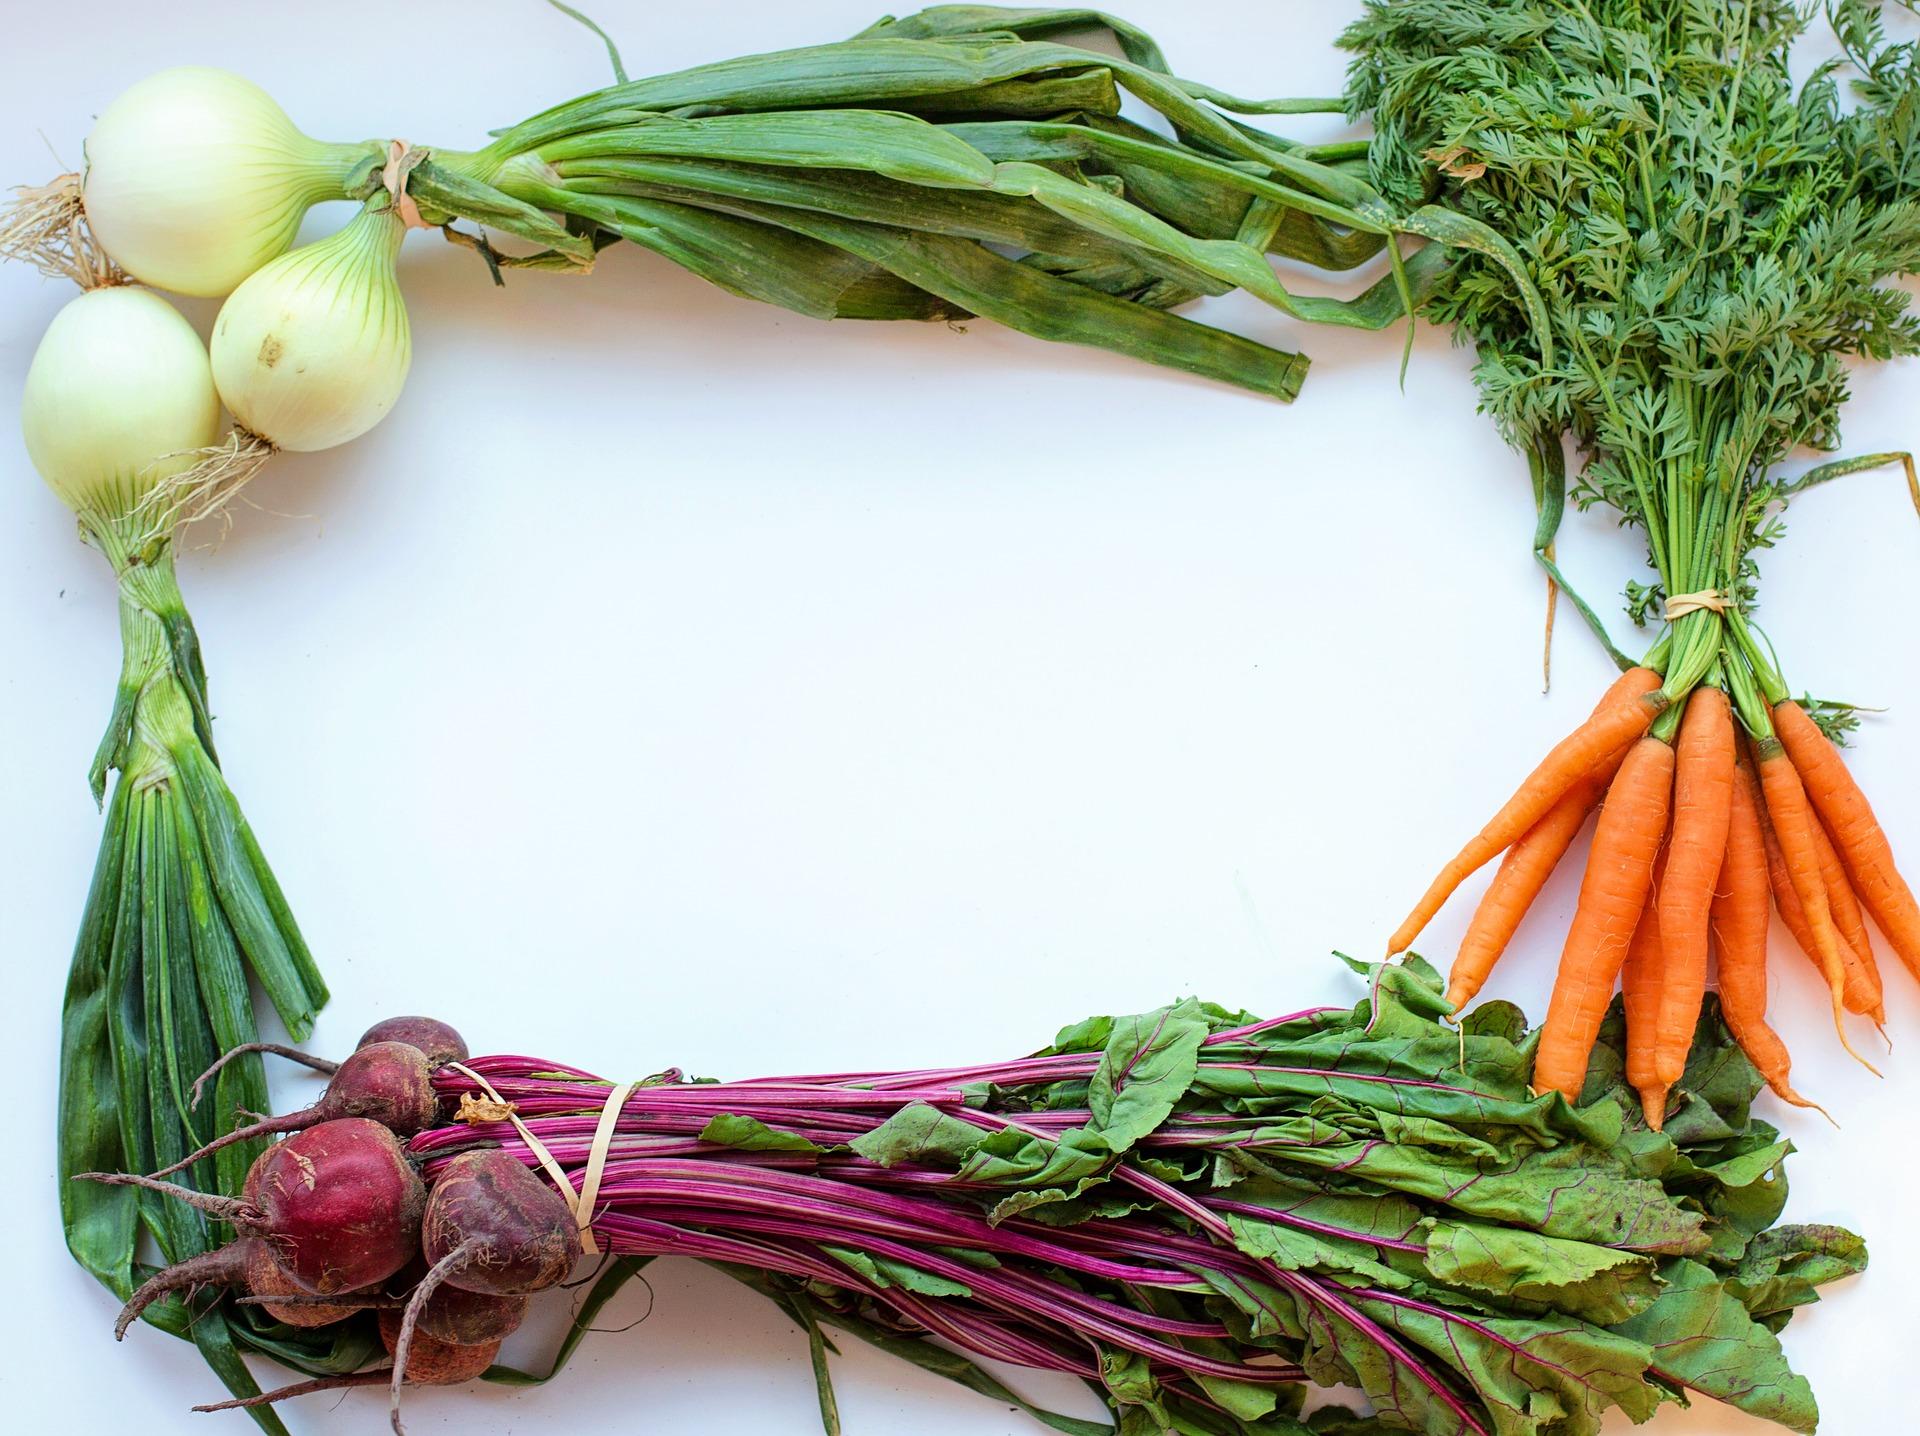 Ősszel ültethető hagymafélék és gyökérzöldségek